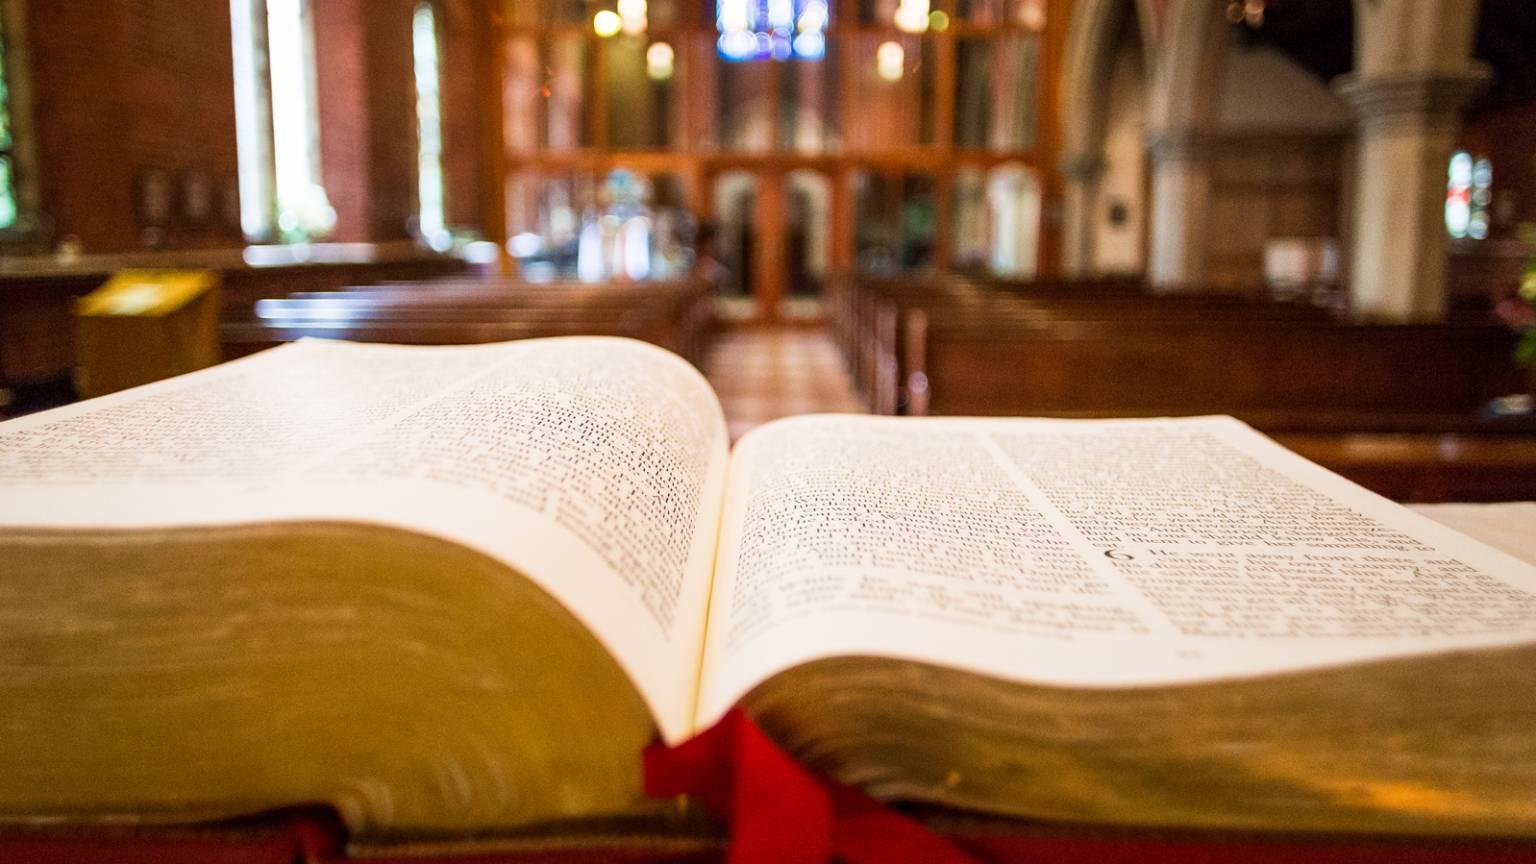 formacao_quais-sao-as-principais-doutrinas-do-cristianismo-1536x864.jpg